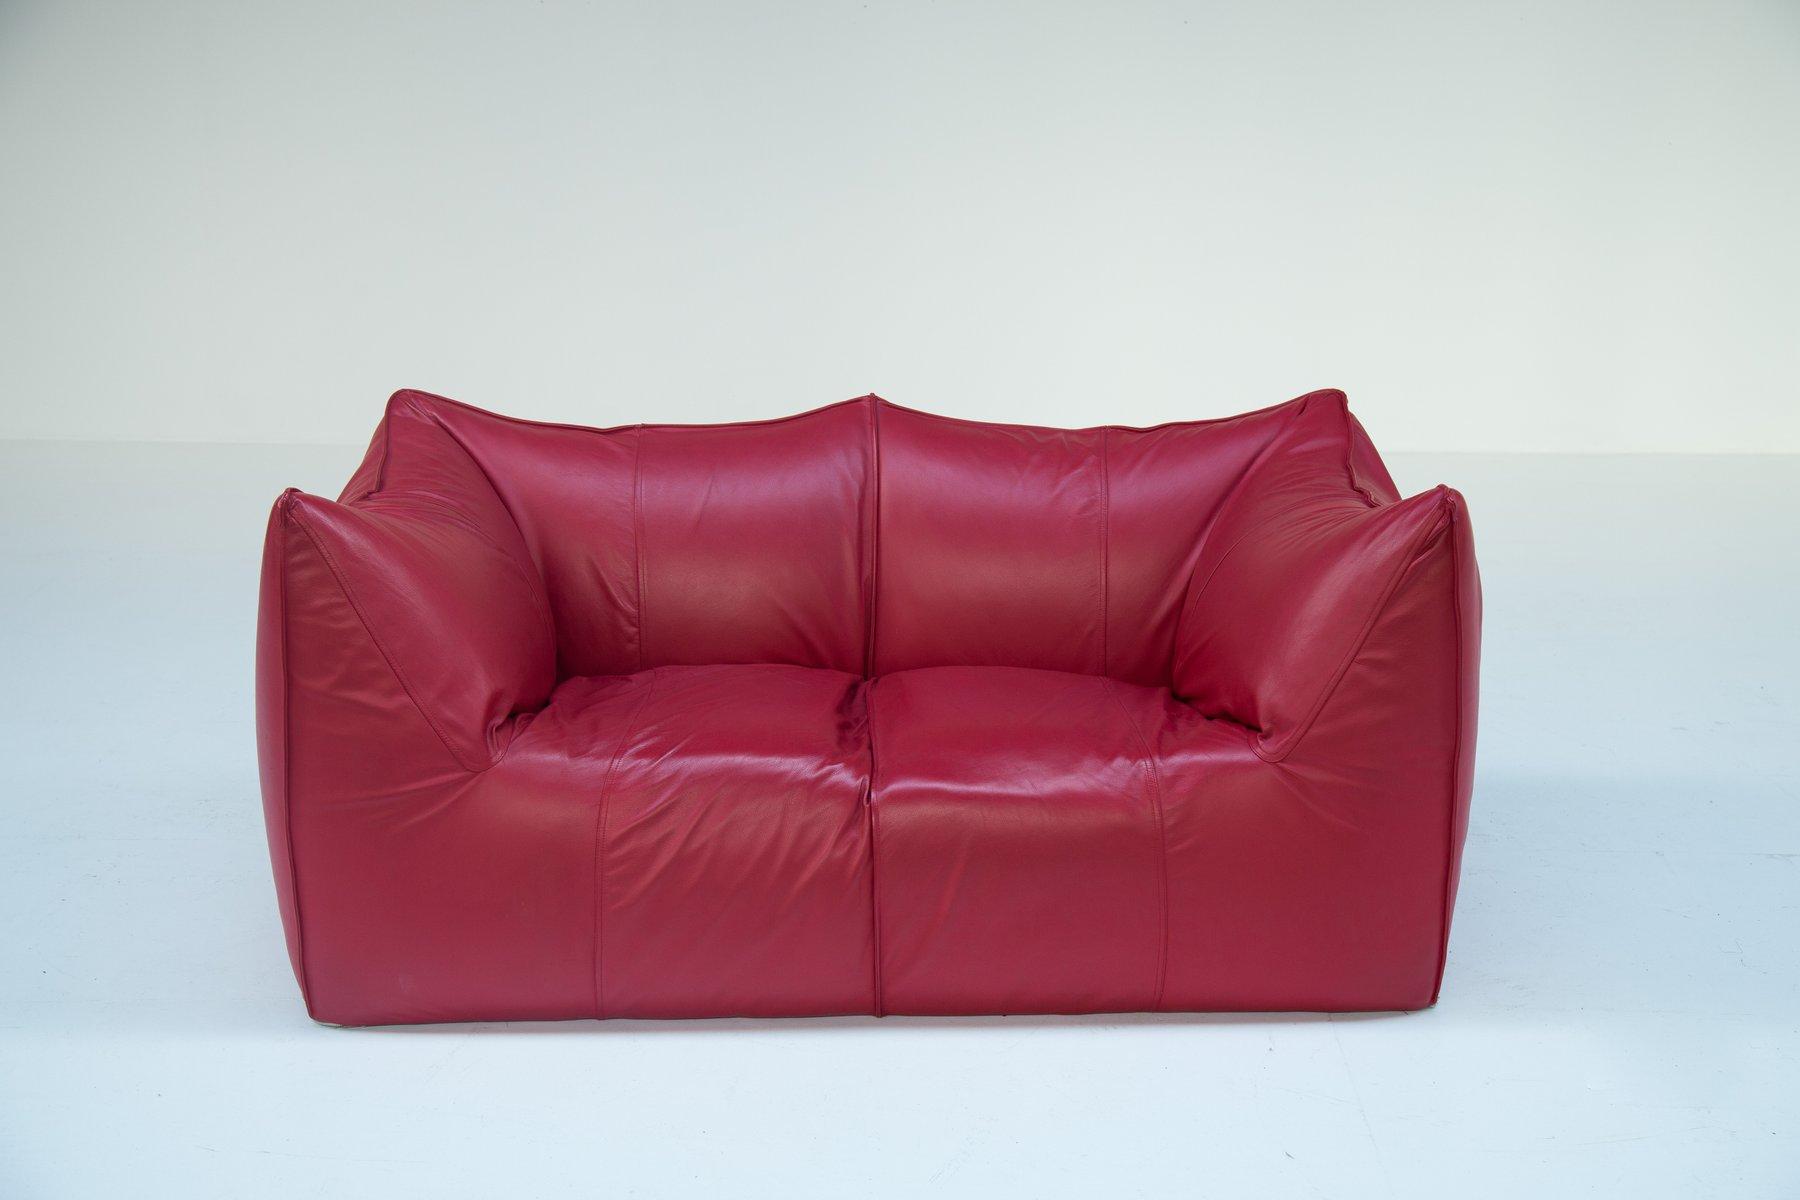 la bambole sofa von mario bellini f r b b italia bei pamono kaufen. Black Bedroom Furniture Sets. Home Design Ideas